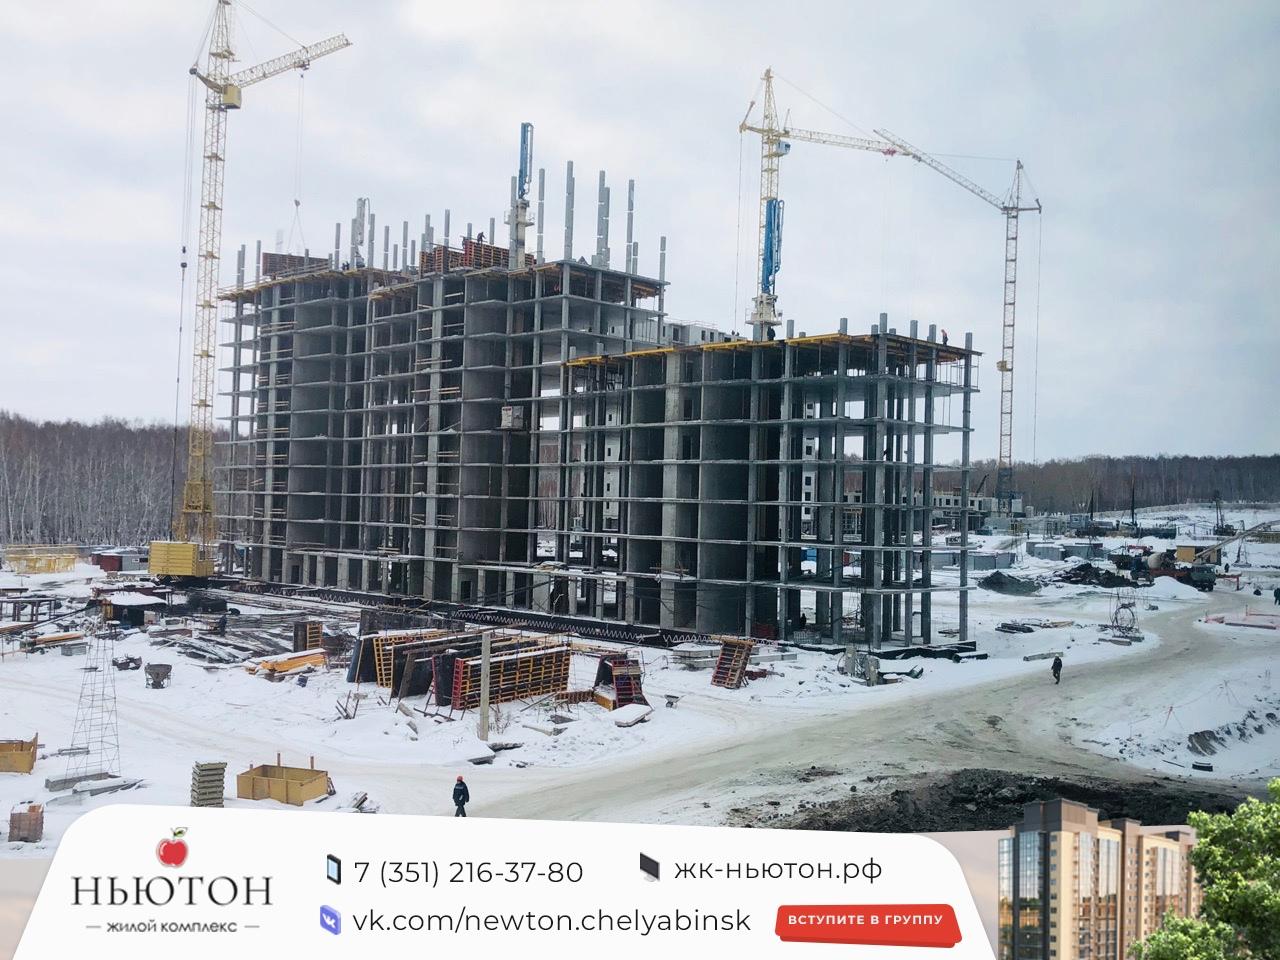 Жилой комплекс «НЬЮТОН» Ход строительства дома планировочные решения и цены будут позже, дом еще…